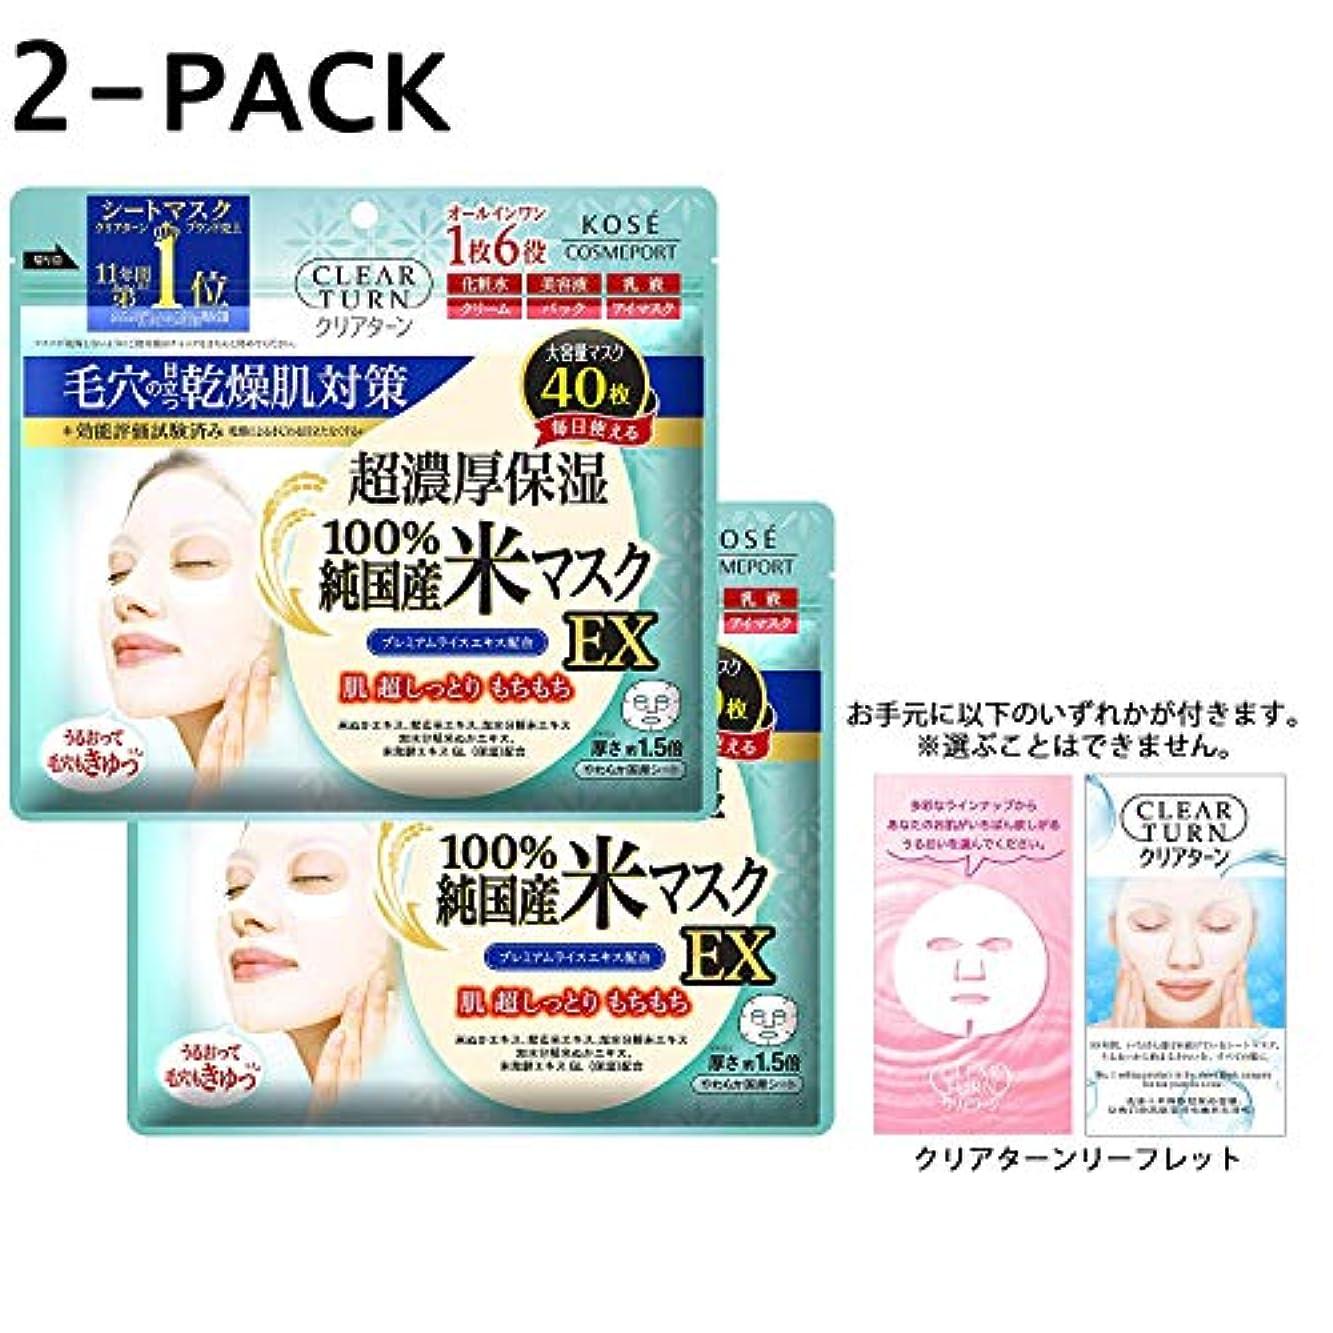 拷問デコレーション署名【Amazon.co.jp限定】KOSE クリアターン 純国産米マスク EX 40枚入 2P+リーフレット付き